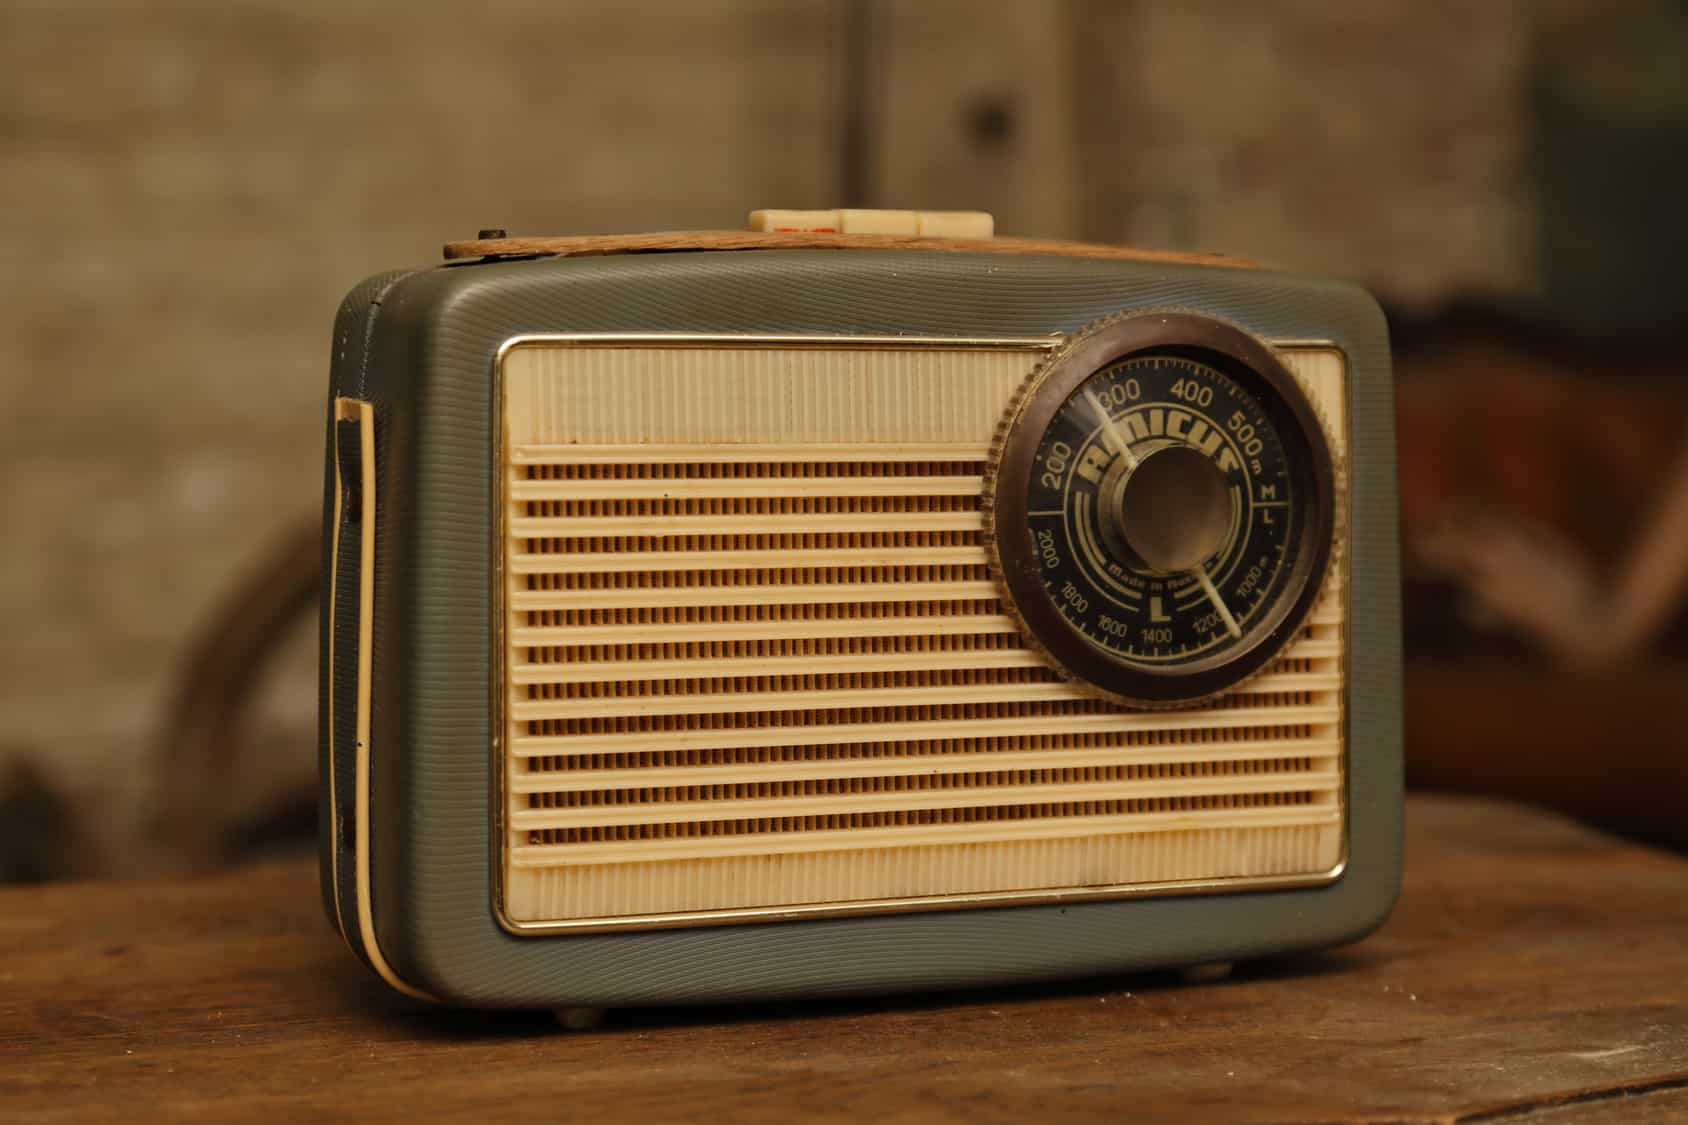 los radiodifusores de provincia y una asociación llamada Radio Independiente, ambos afiliados a la CIRT